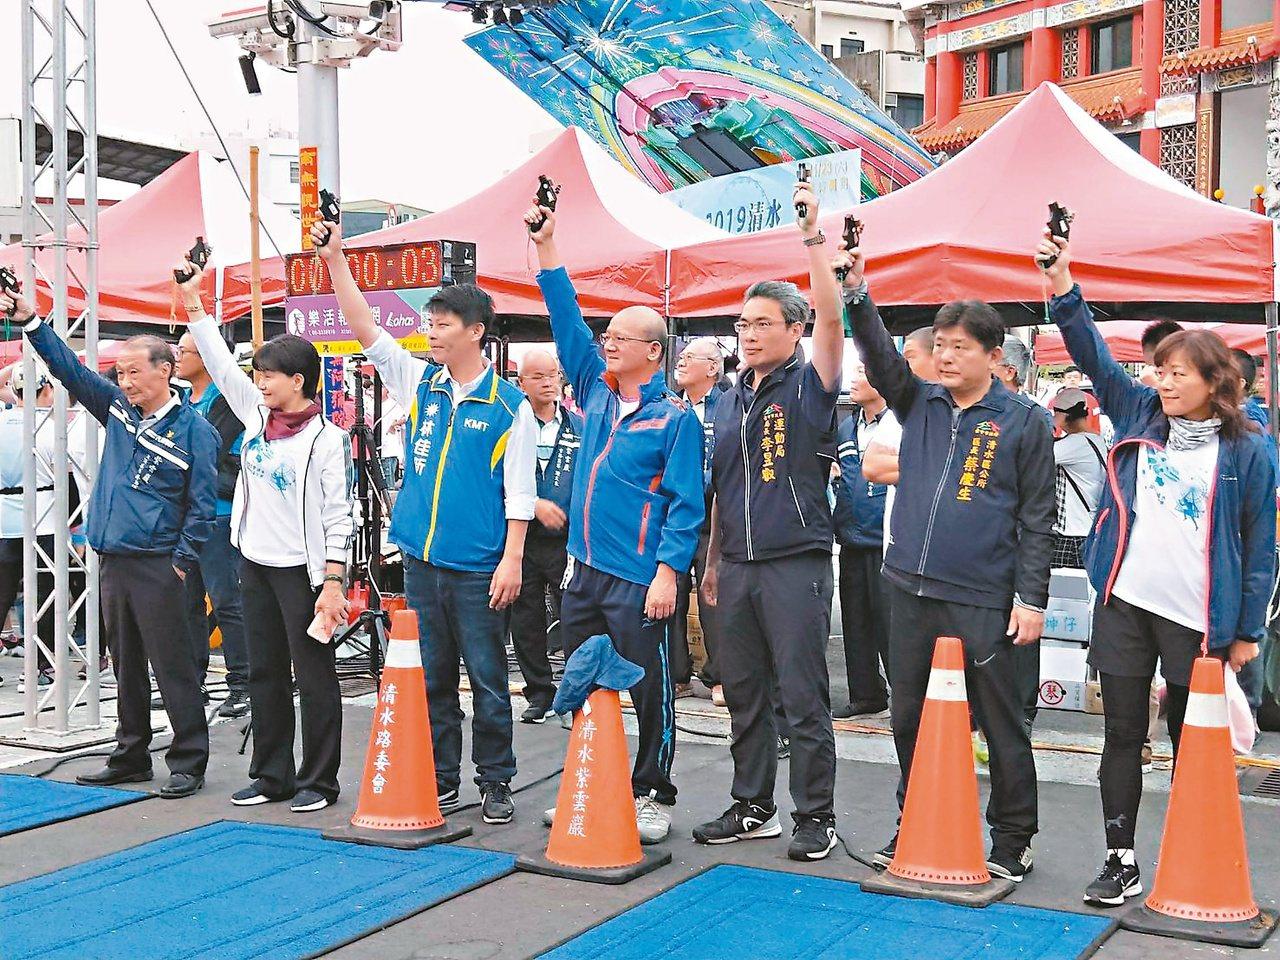 清水馬拉松嘉年華會由台中市議長張清照(右四)主辦,已連辦4年,參加跑者愈來愈多。